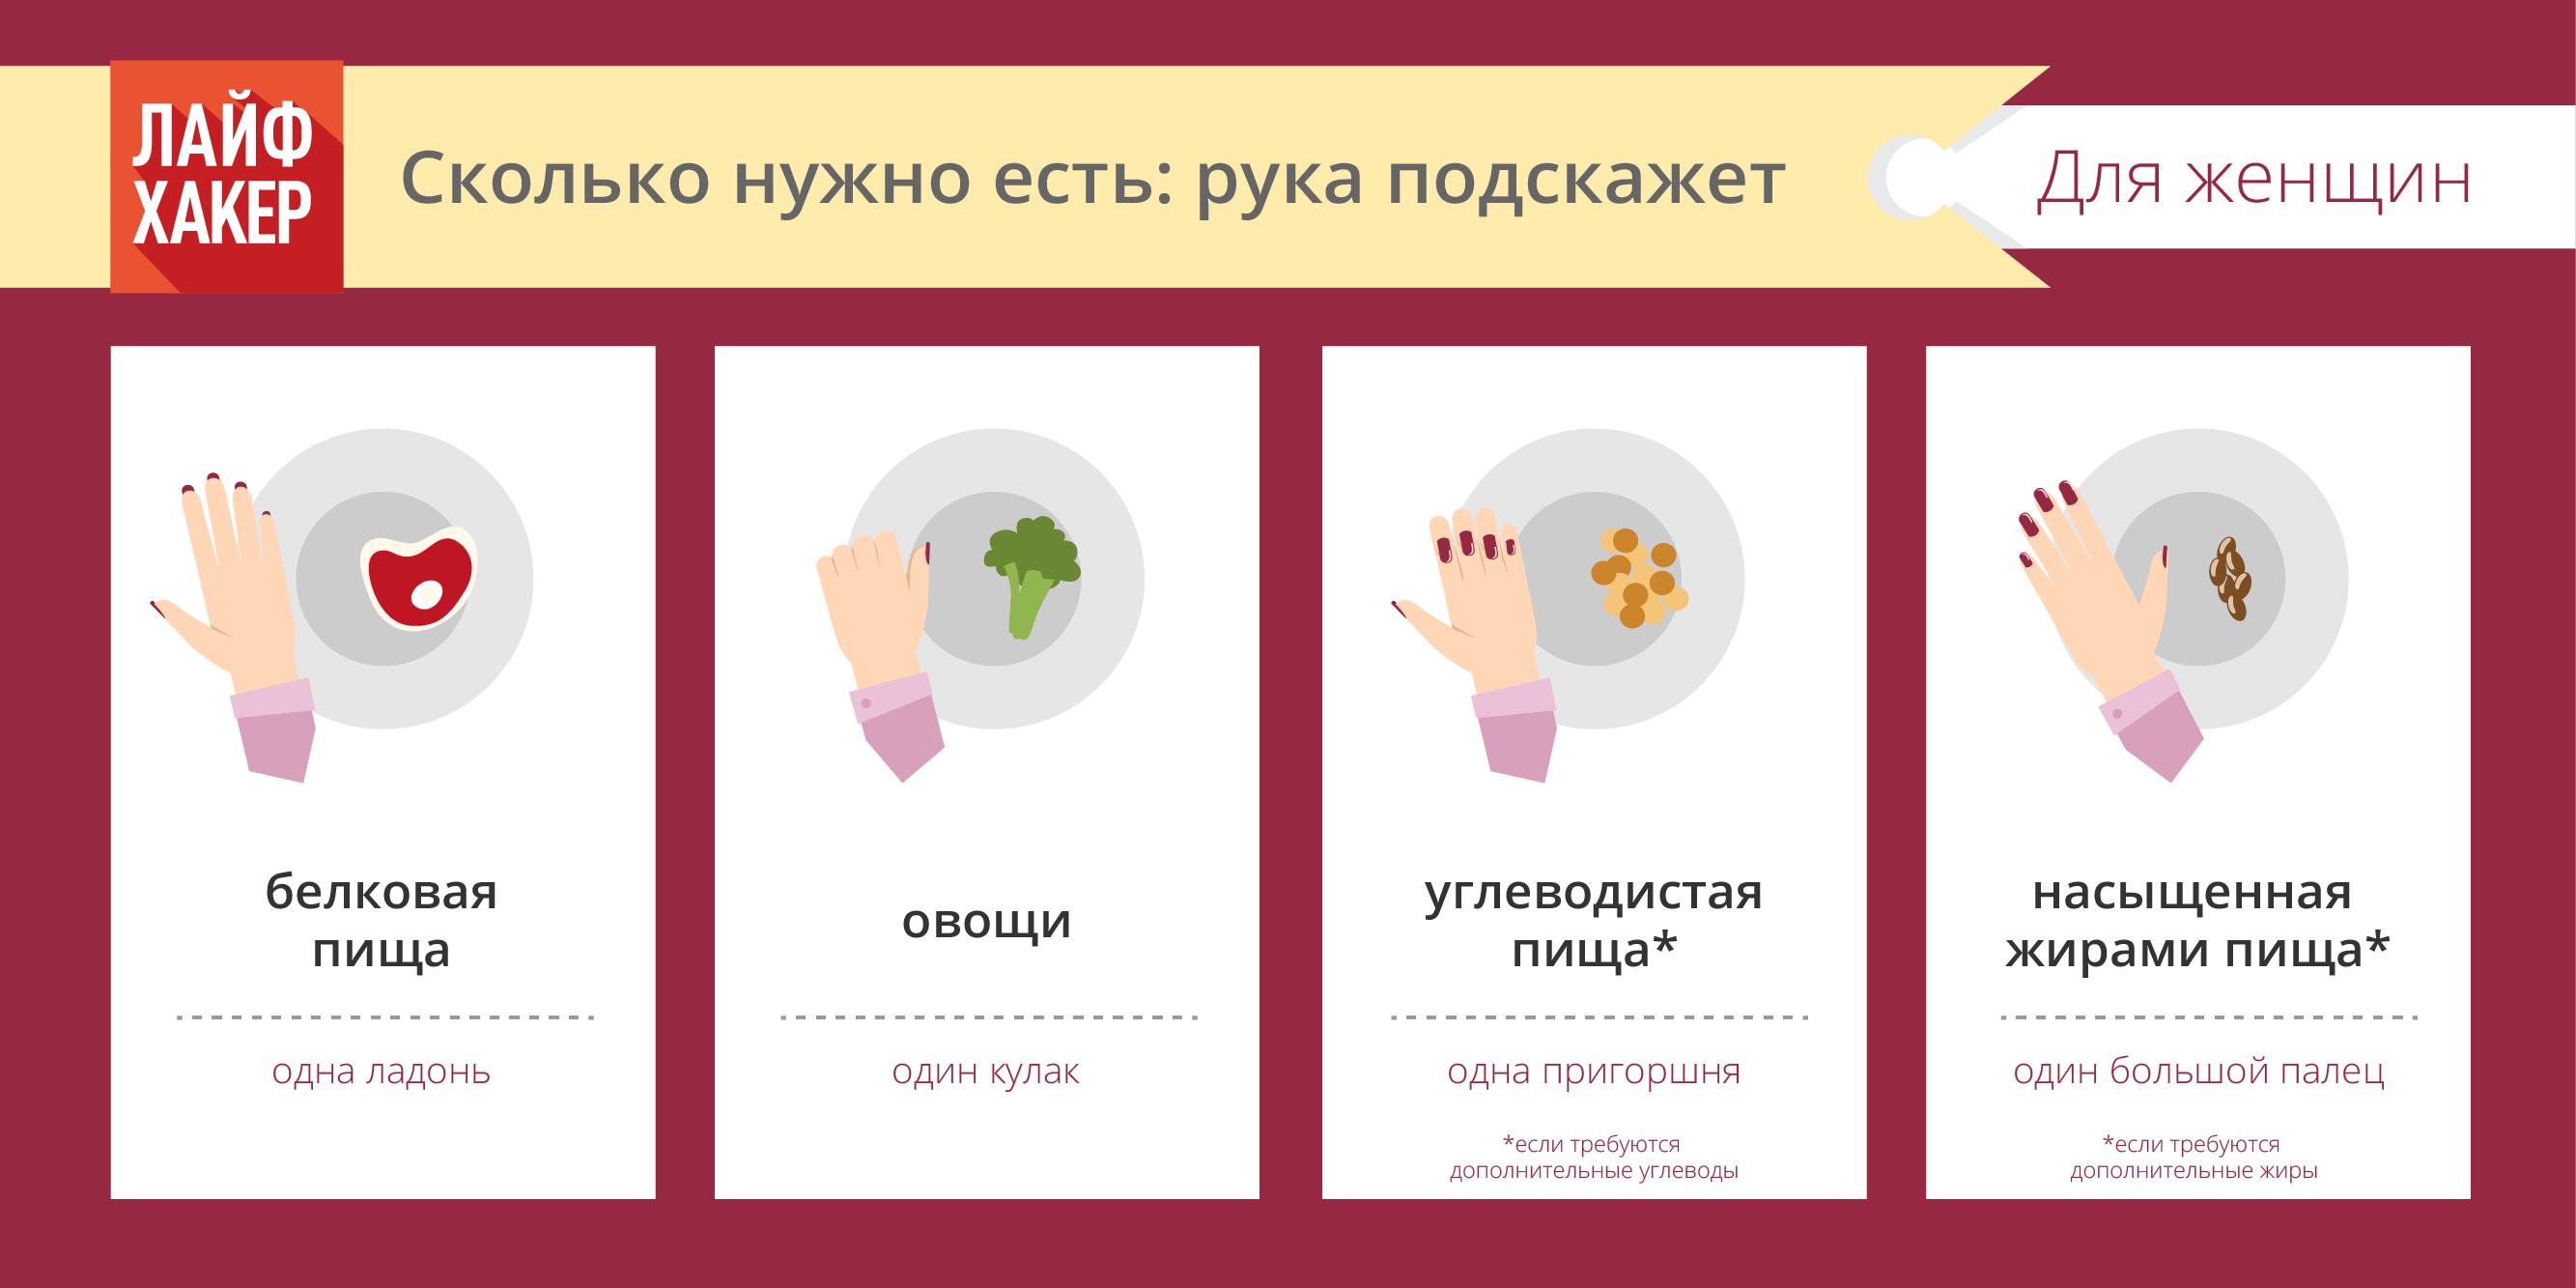 https://lifehacker.ru/wp-content/uploads/2014/12/zhenshhiny-s-logo-01-2.png